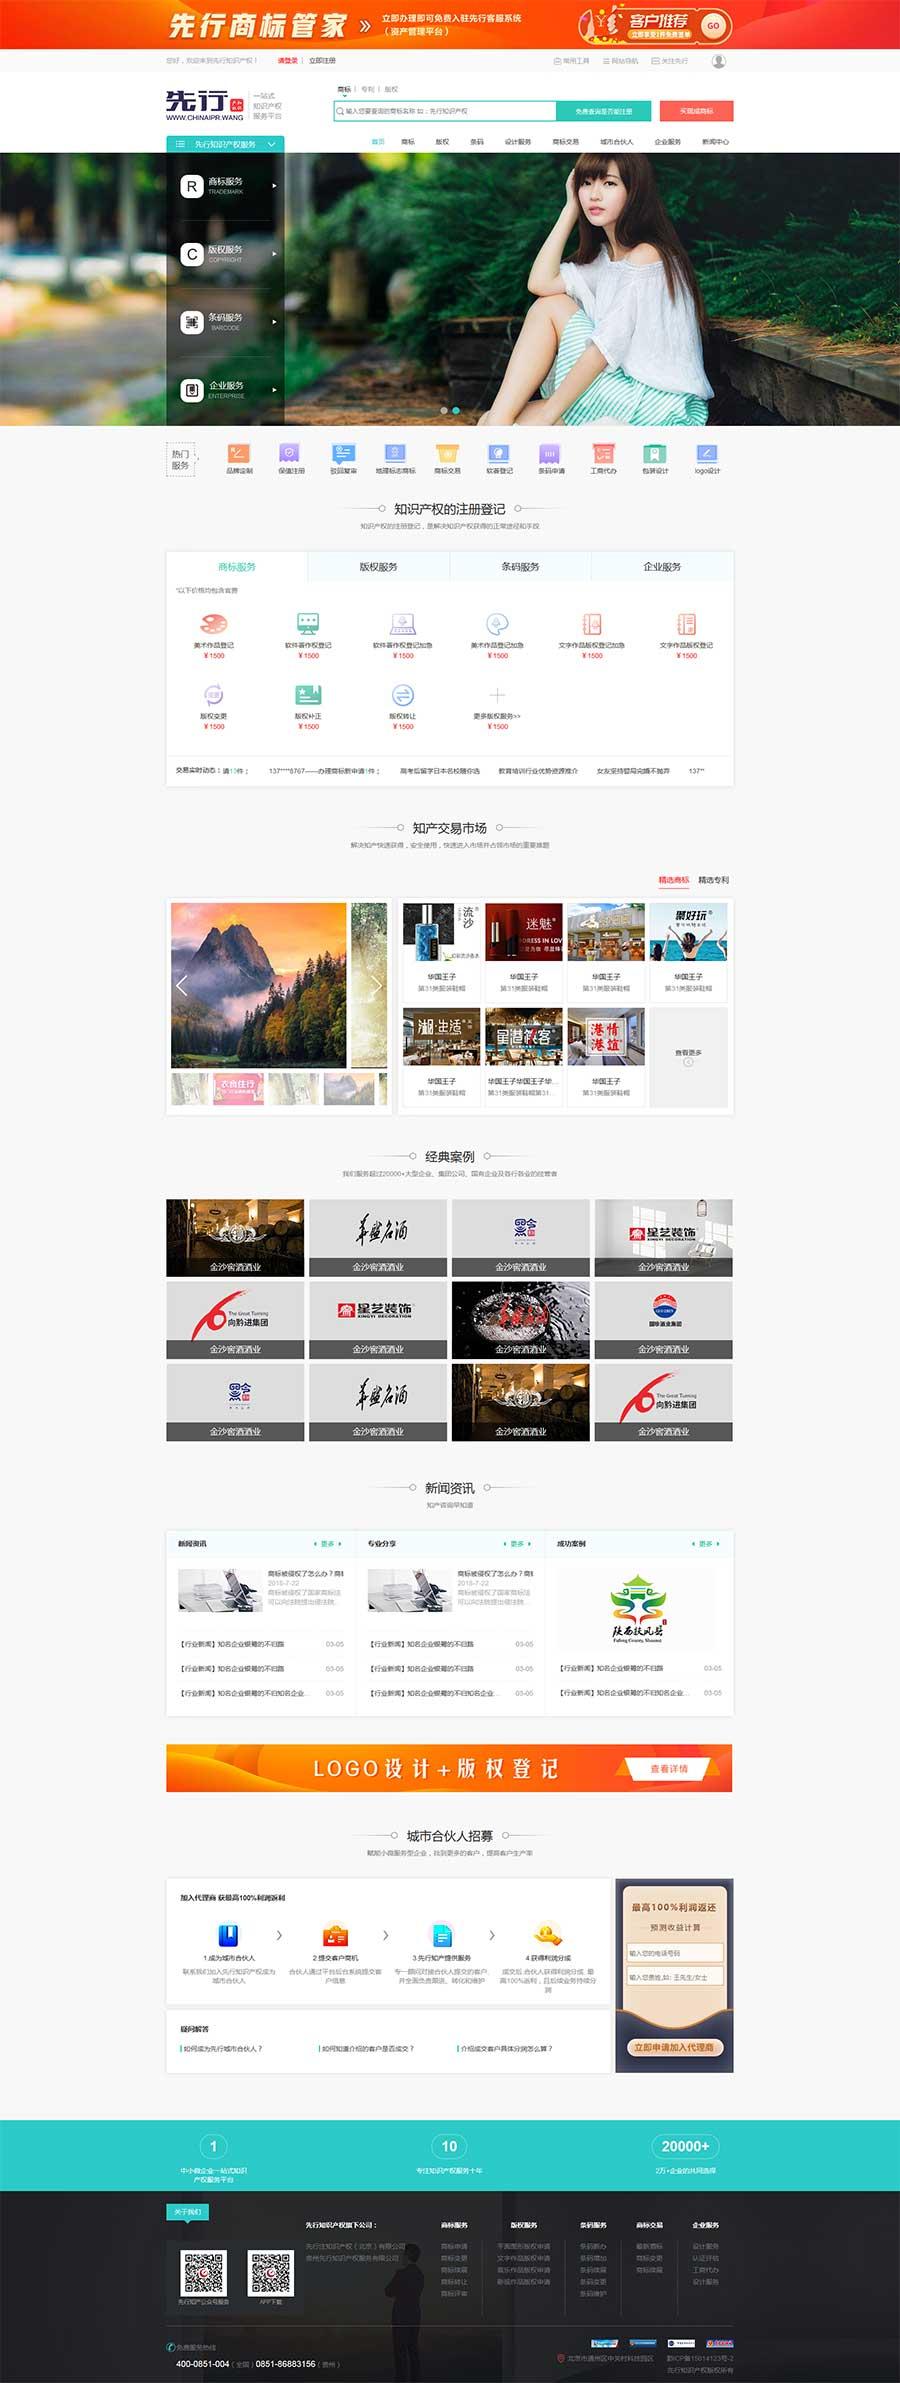 精美大气的一站式知识产权服务平台网站模板